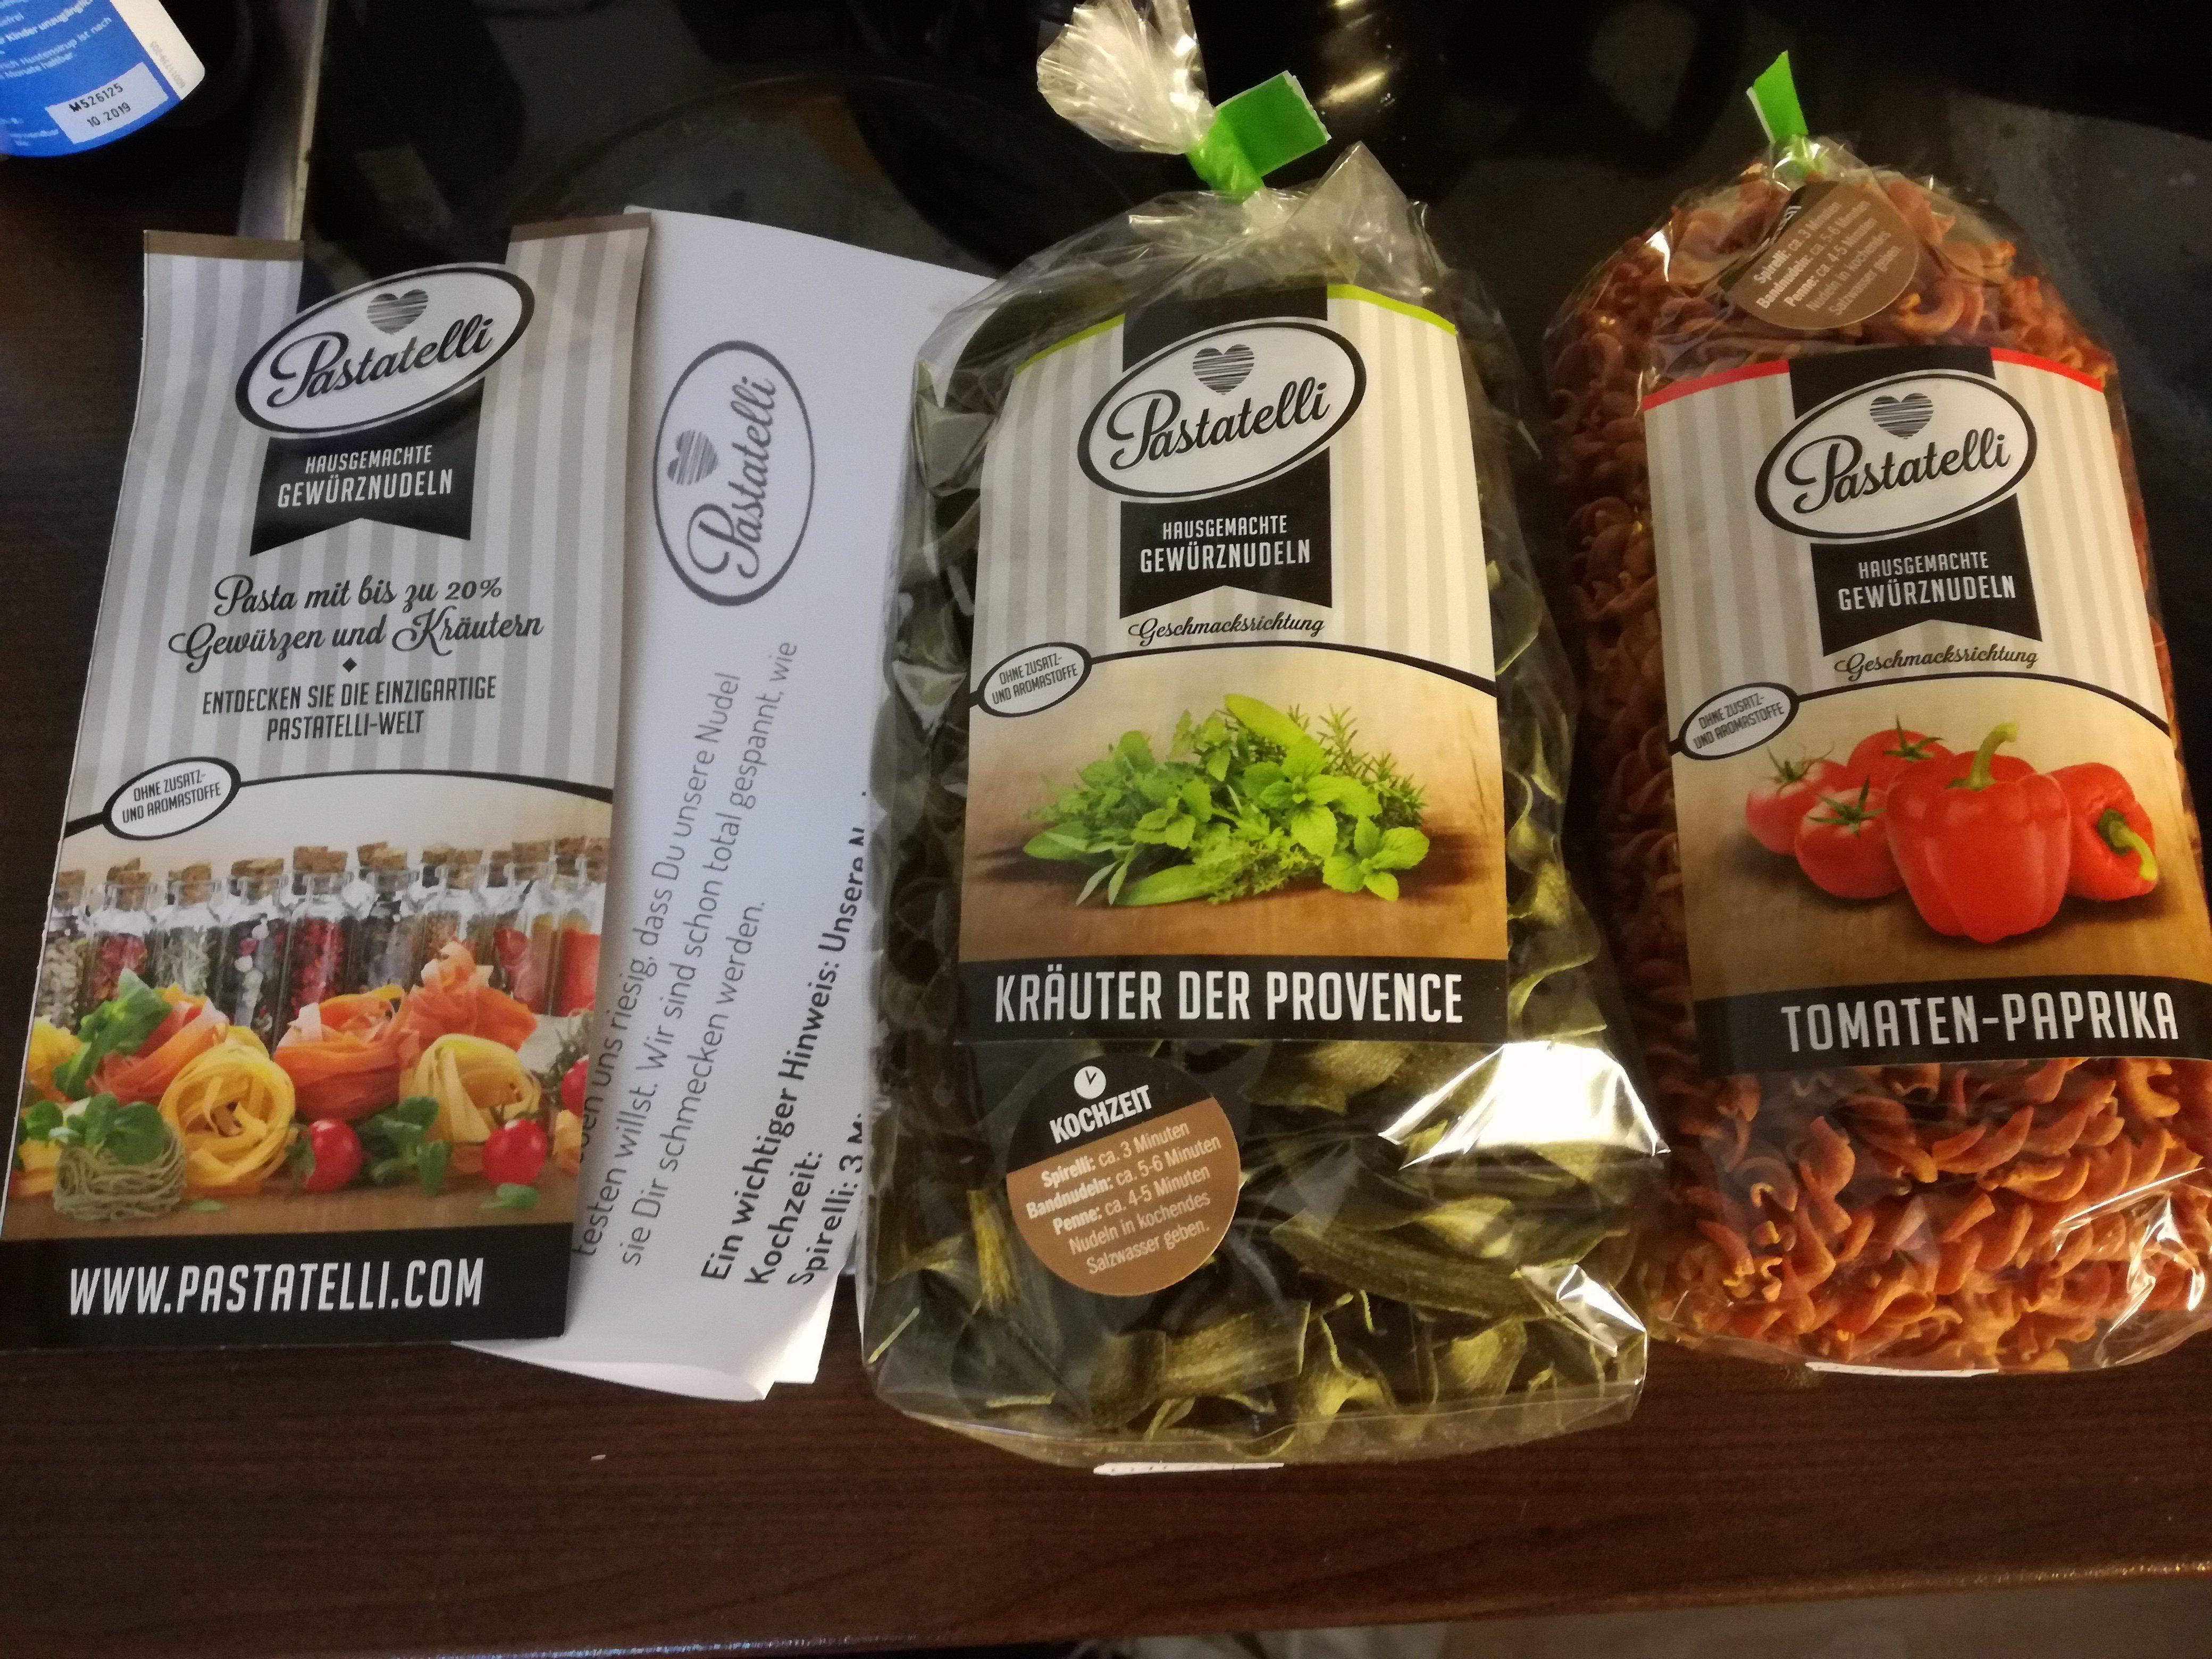 Nudeln von Pastatelli – farbig und lecker